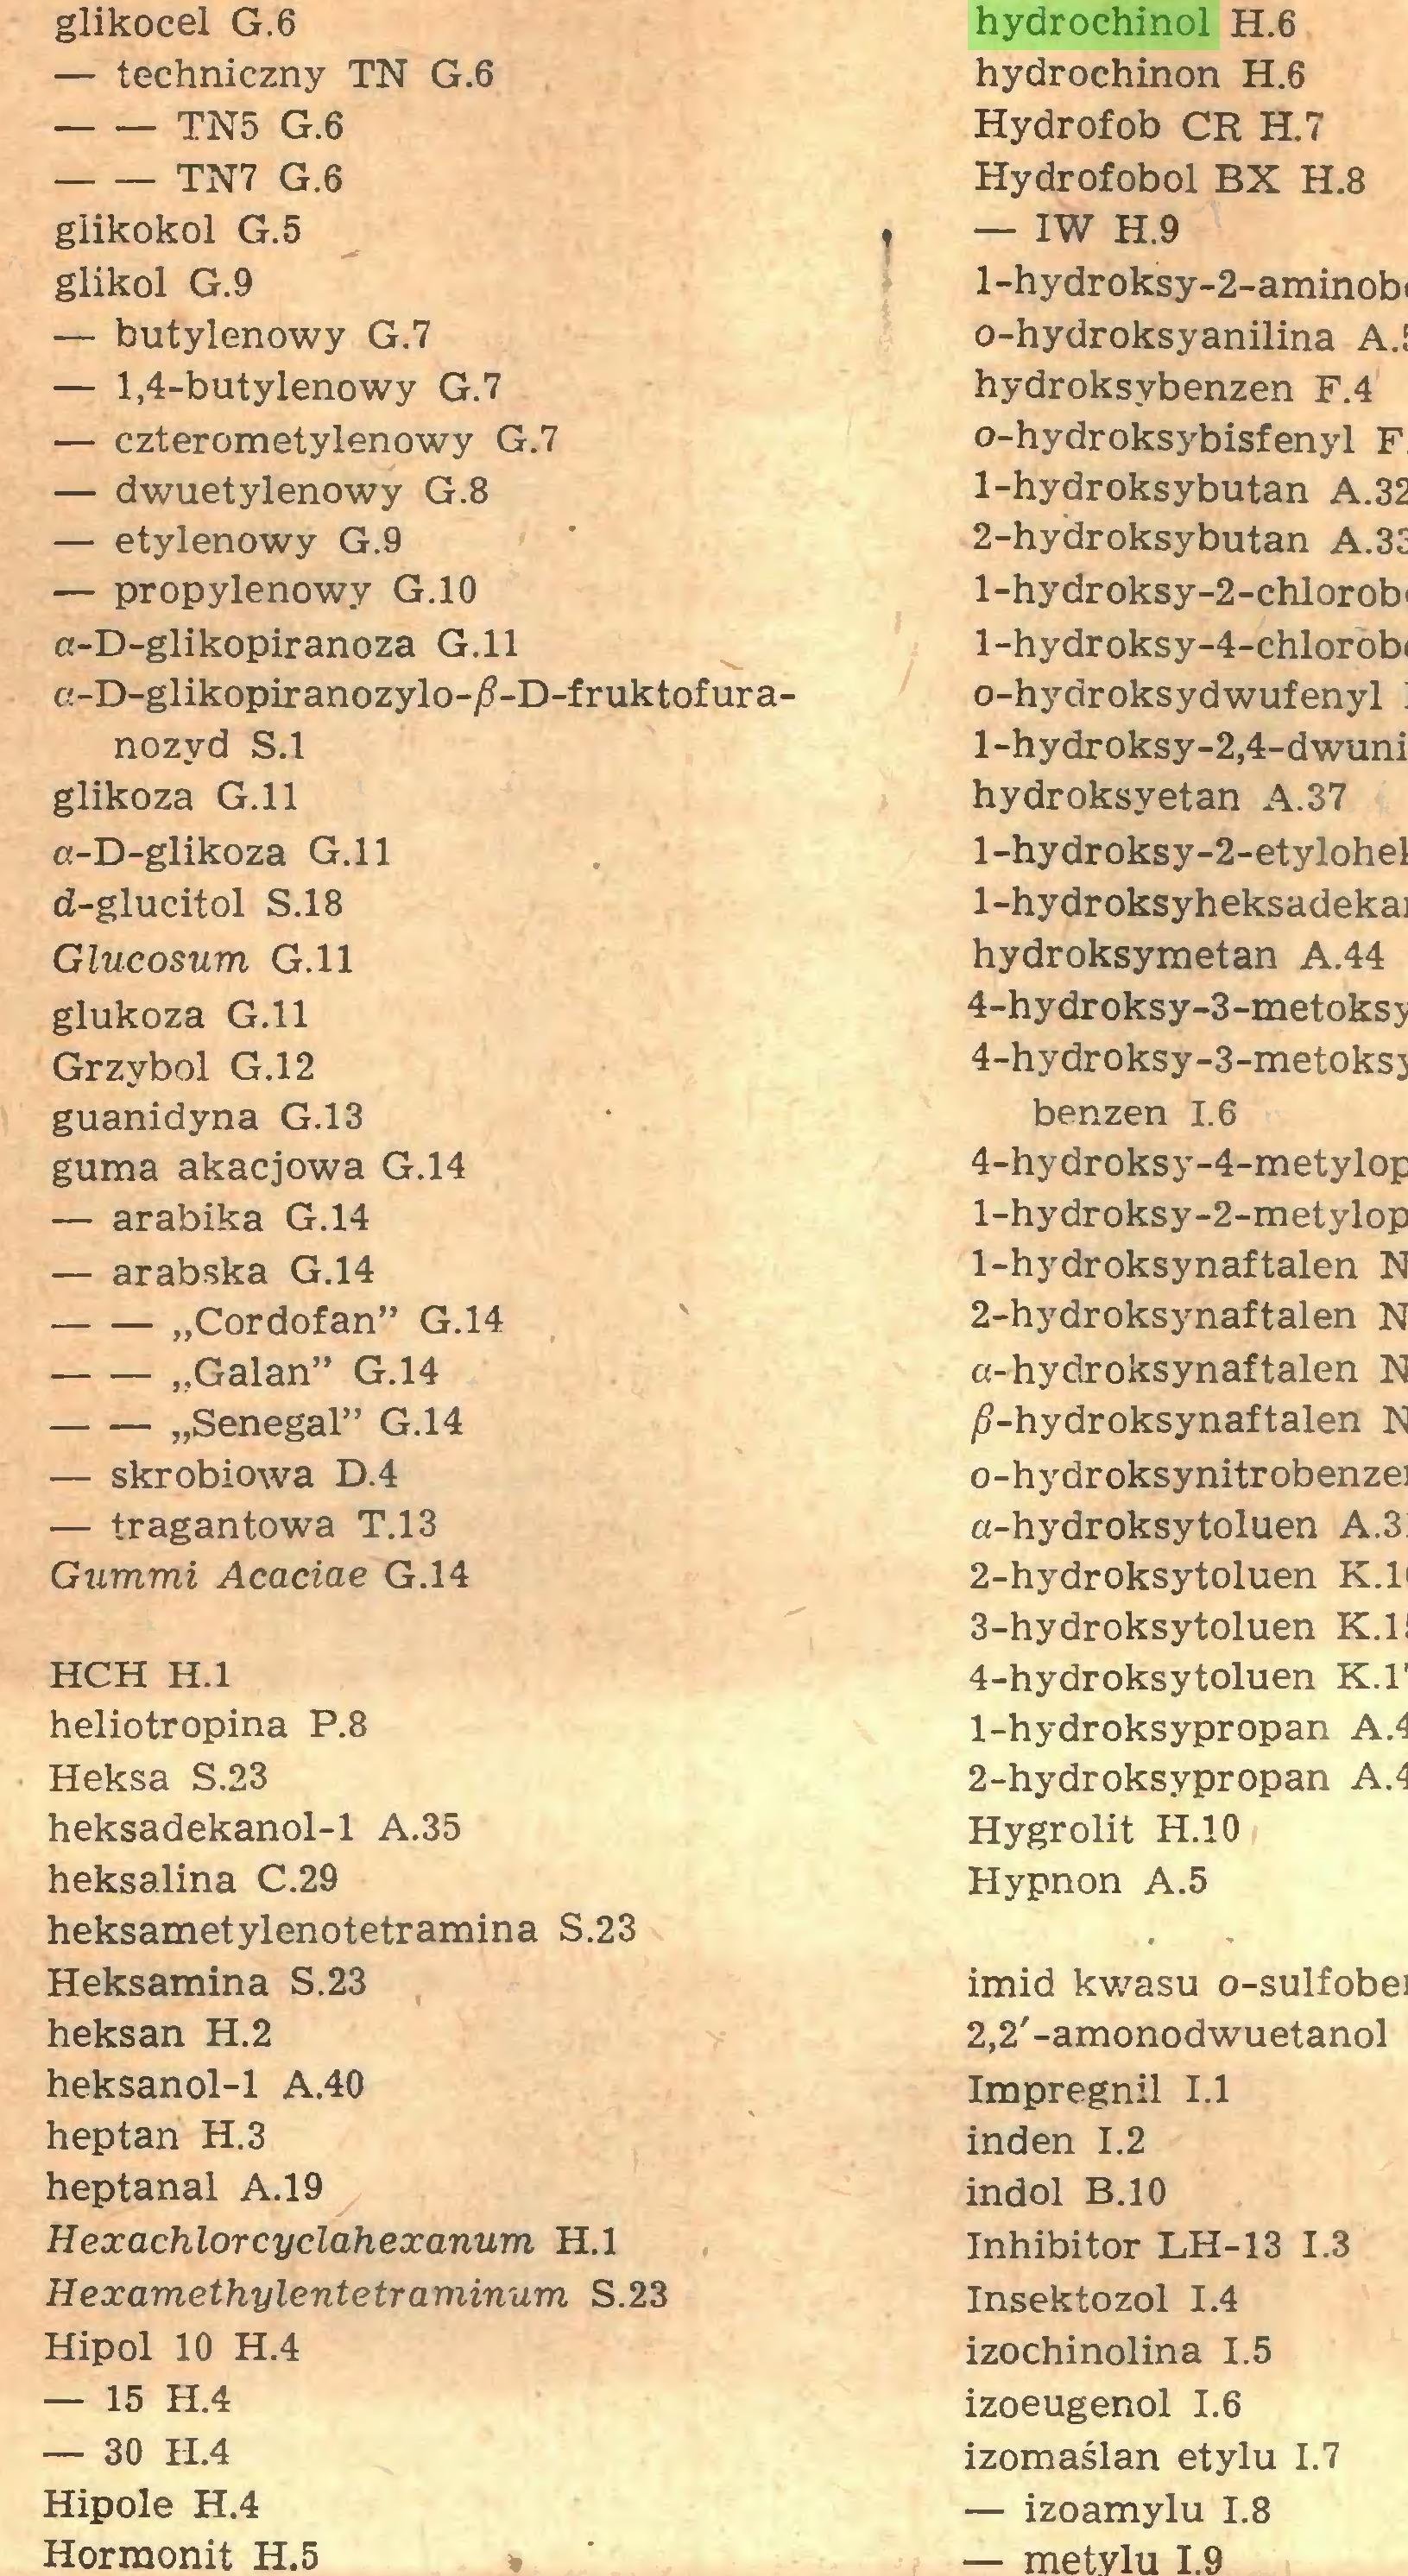 (...) — 15 H.4 — 30 H.4 Hipole H.4 Hormonit H.5 , hydrochinol H.6 hydrochinon H.6 Hydrofob CR H.7 Hydrofobol BX H.8...